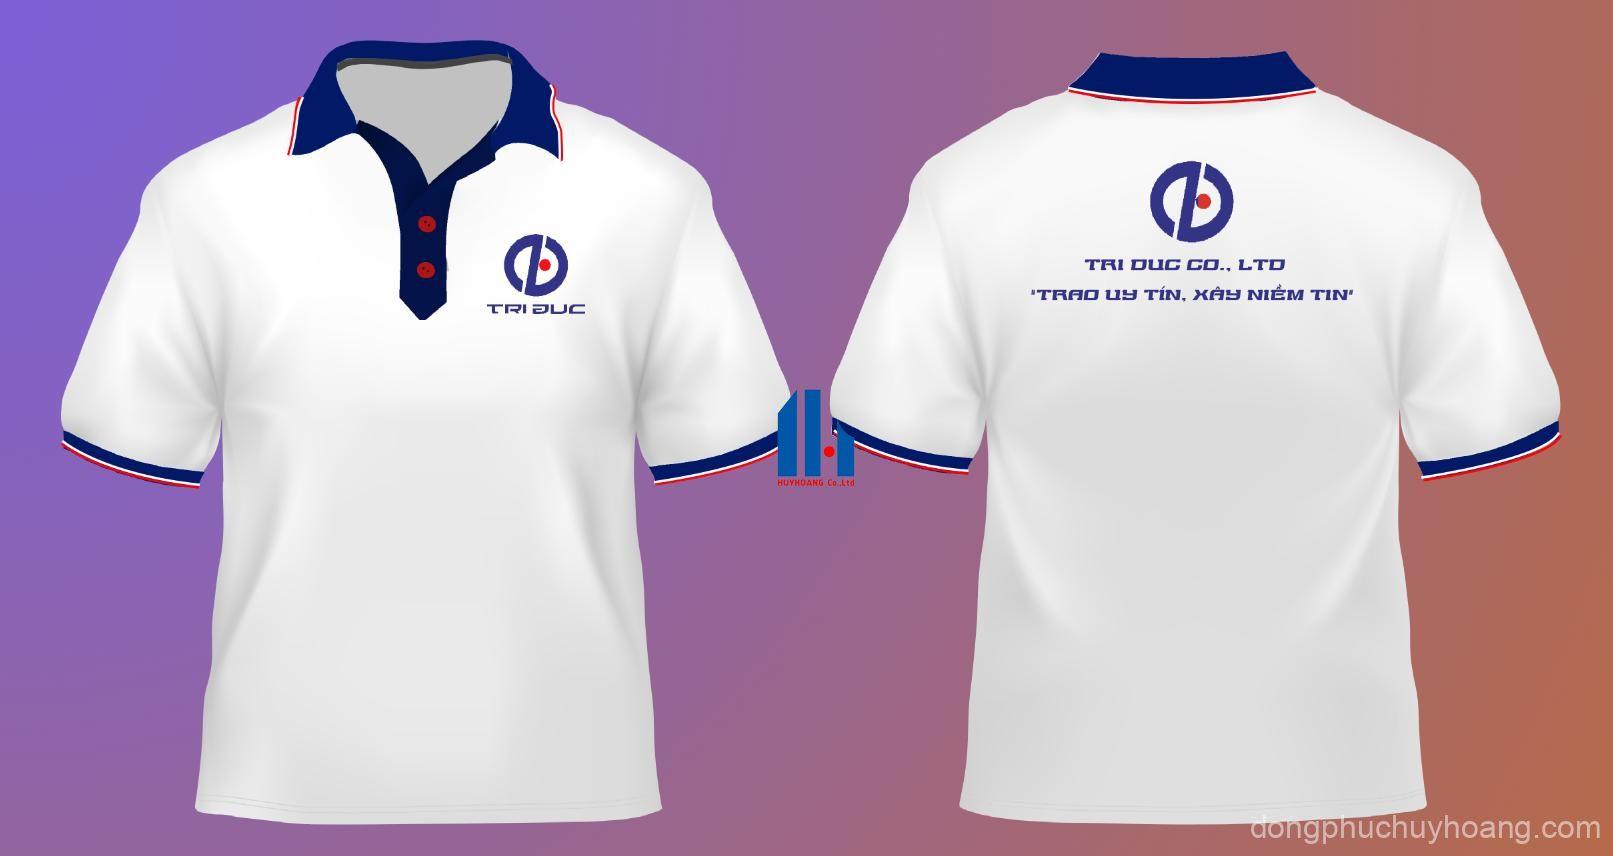 Đồng Phục Huy Hoàng đơn vị may áo thun đồng phục hàng đầu tại TP.HCM